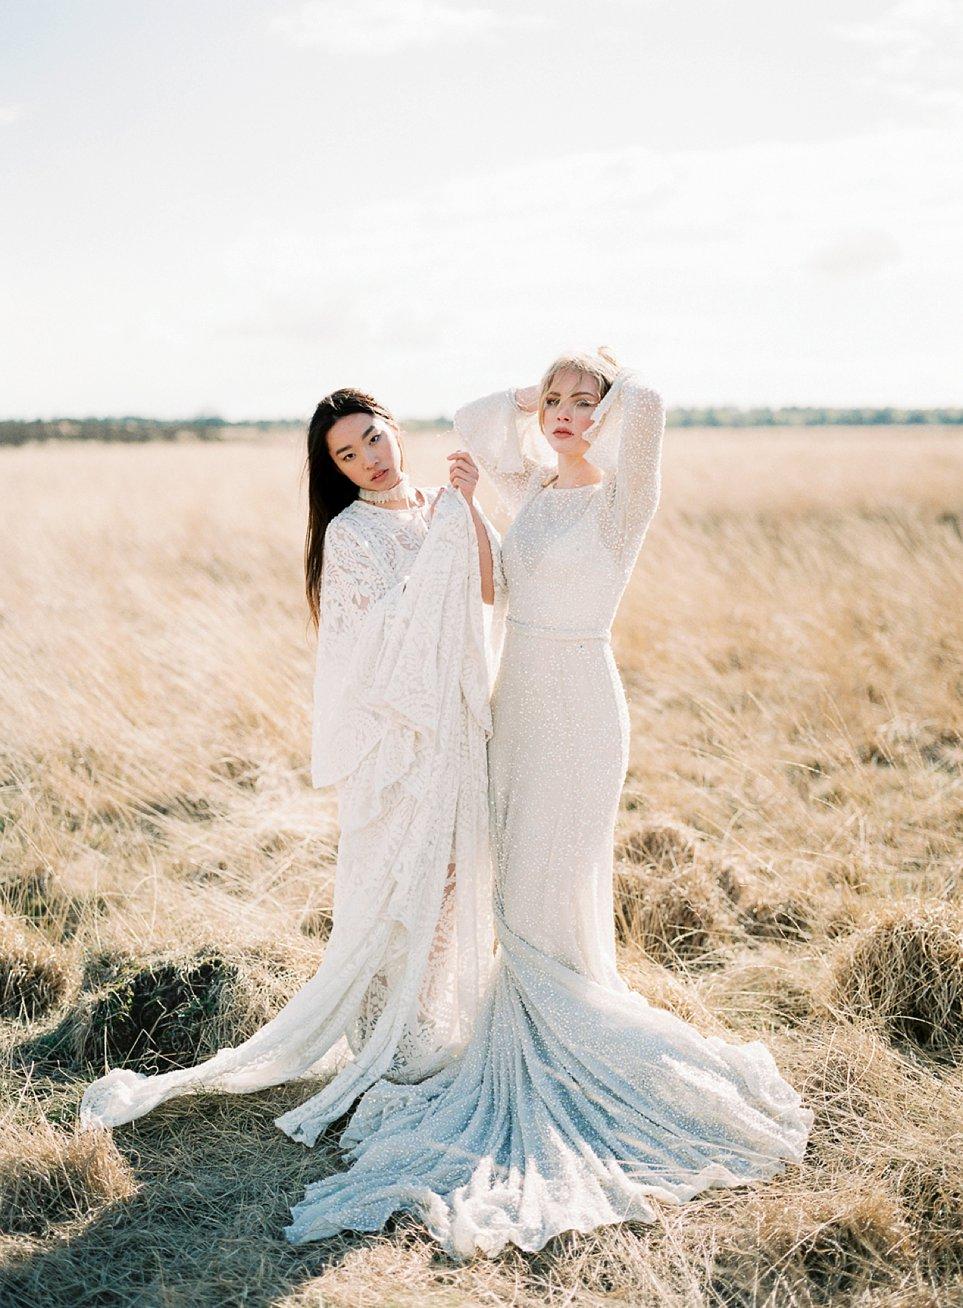 Amanda-Drost-modefotograaf-fashion-photography-editorial-odylyne-weddingdress_0018.jpg